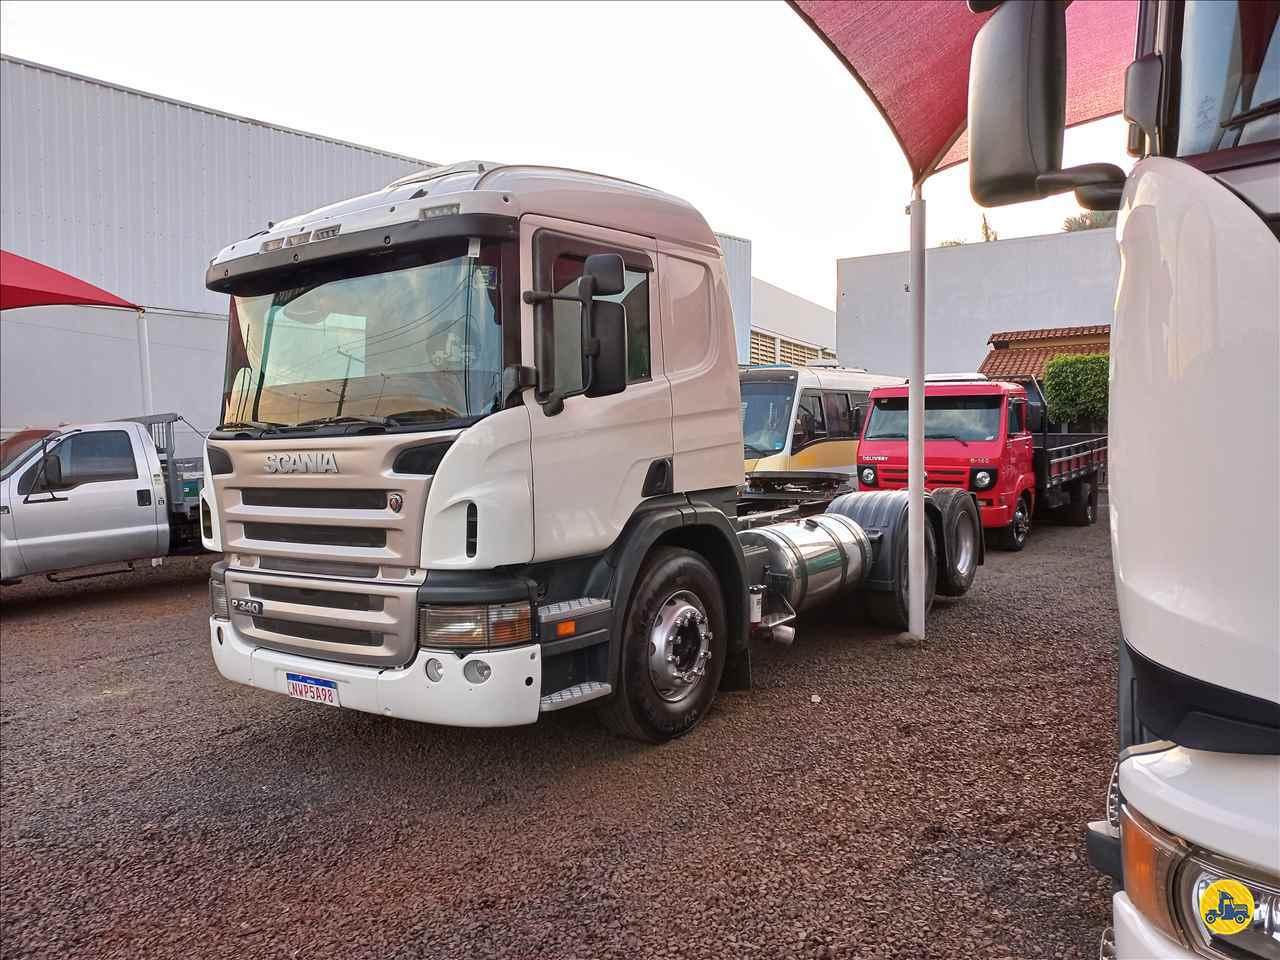 CAMINHAO SCANIA SCANIA 340 Cavalo Mecânico Truck 6x2 André Caminhões RIO VERDE GOIAS GO